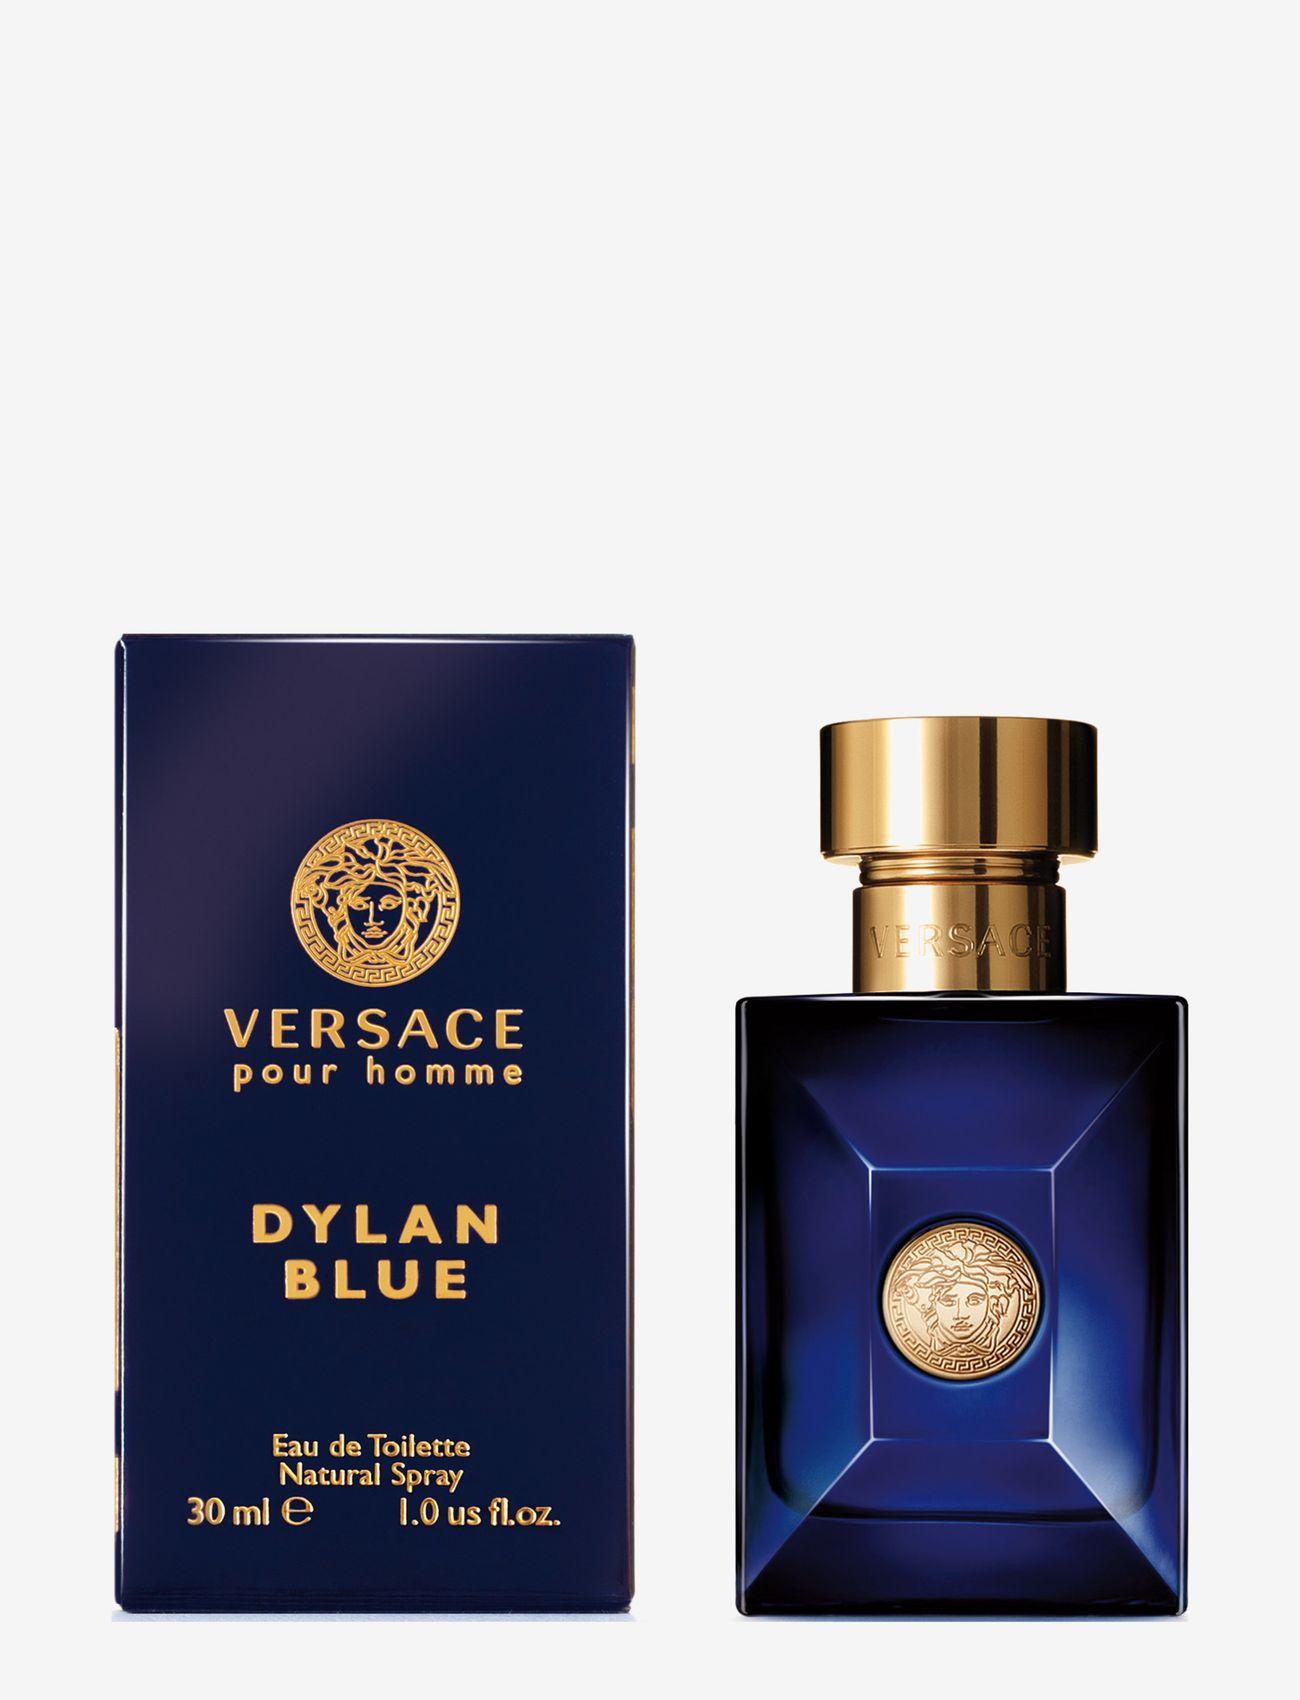 DYLAN BLUE POUR HOMME EAU DE TOILETTE SPRAY